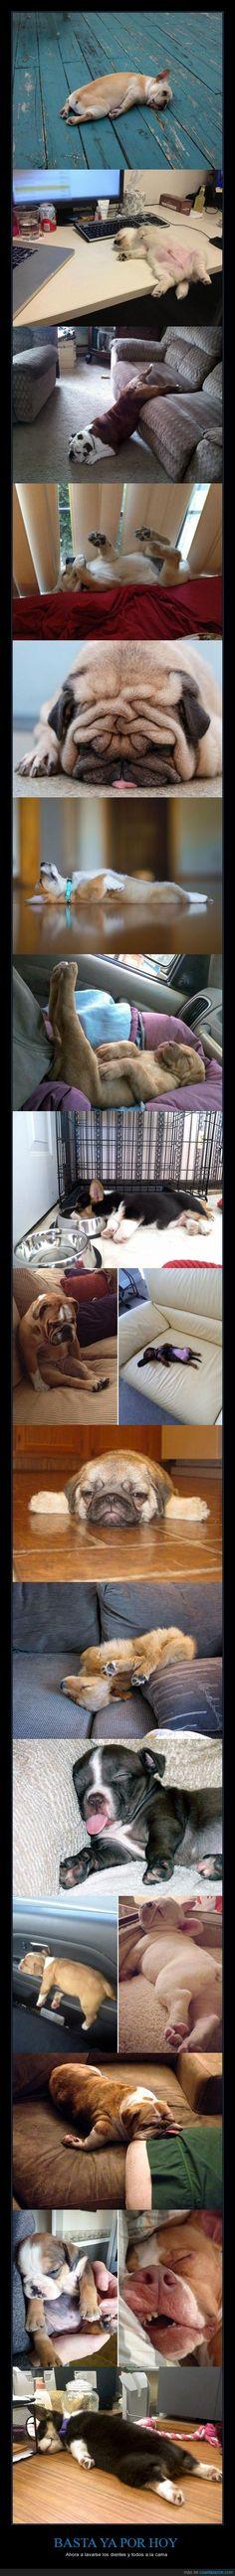 Qué sueño que tienen estos perros... - Ahora a lavarse los dientes y todos a la cama